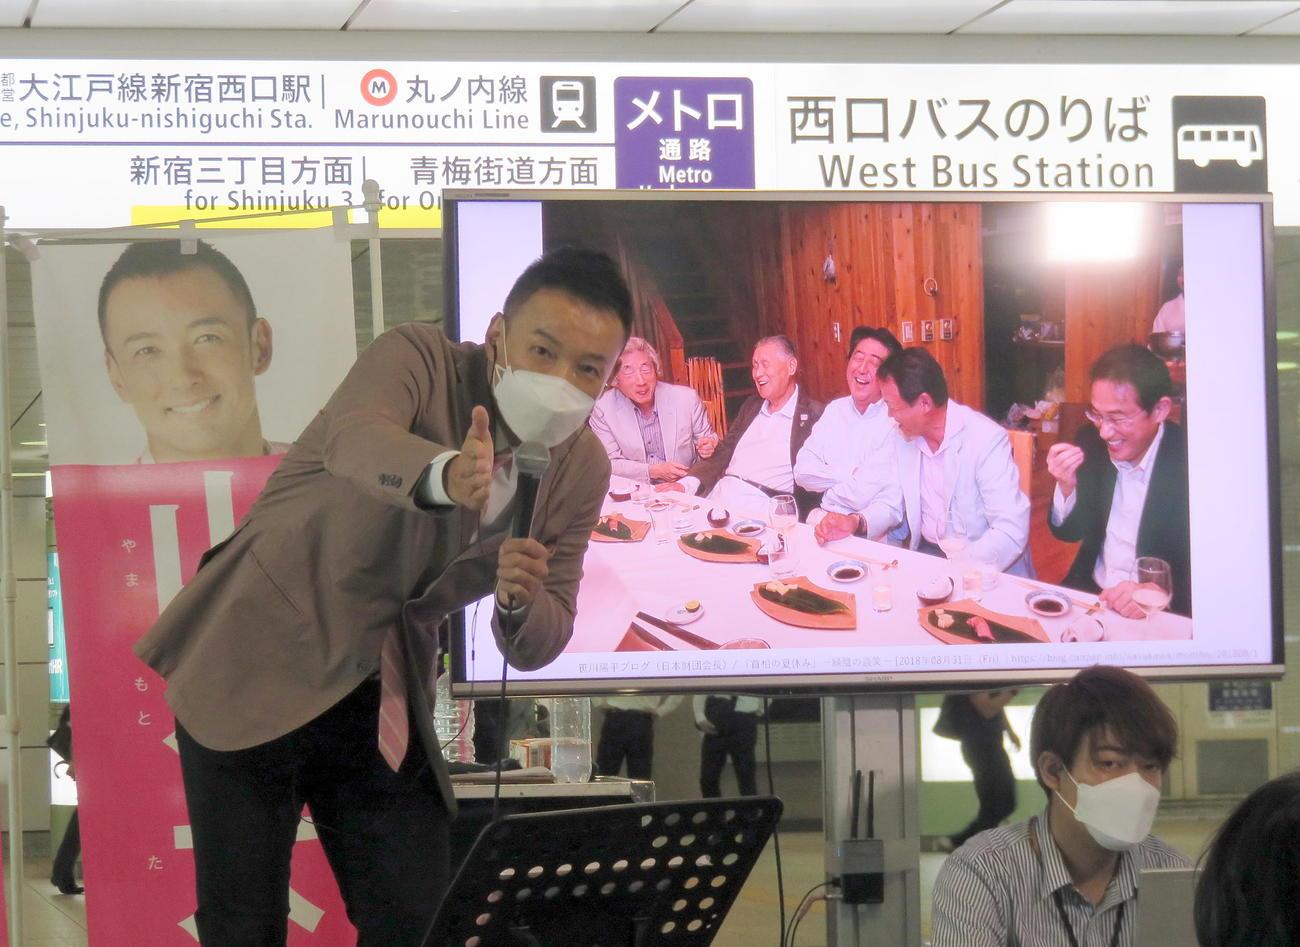 新宿駅西口での街頭記者会で、岸田首相(画面右端)ら歴代首相で食事する写真を公開して政権交代を訴える、れいわ新選組の山本太郎代表(撮影・鎌田直秀)